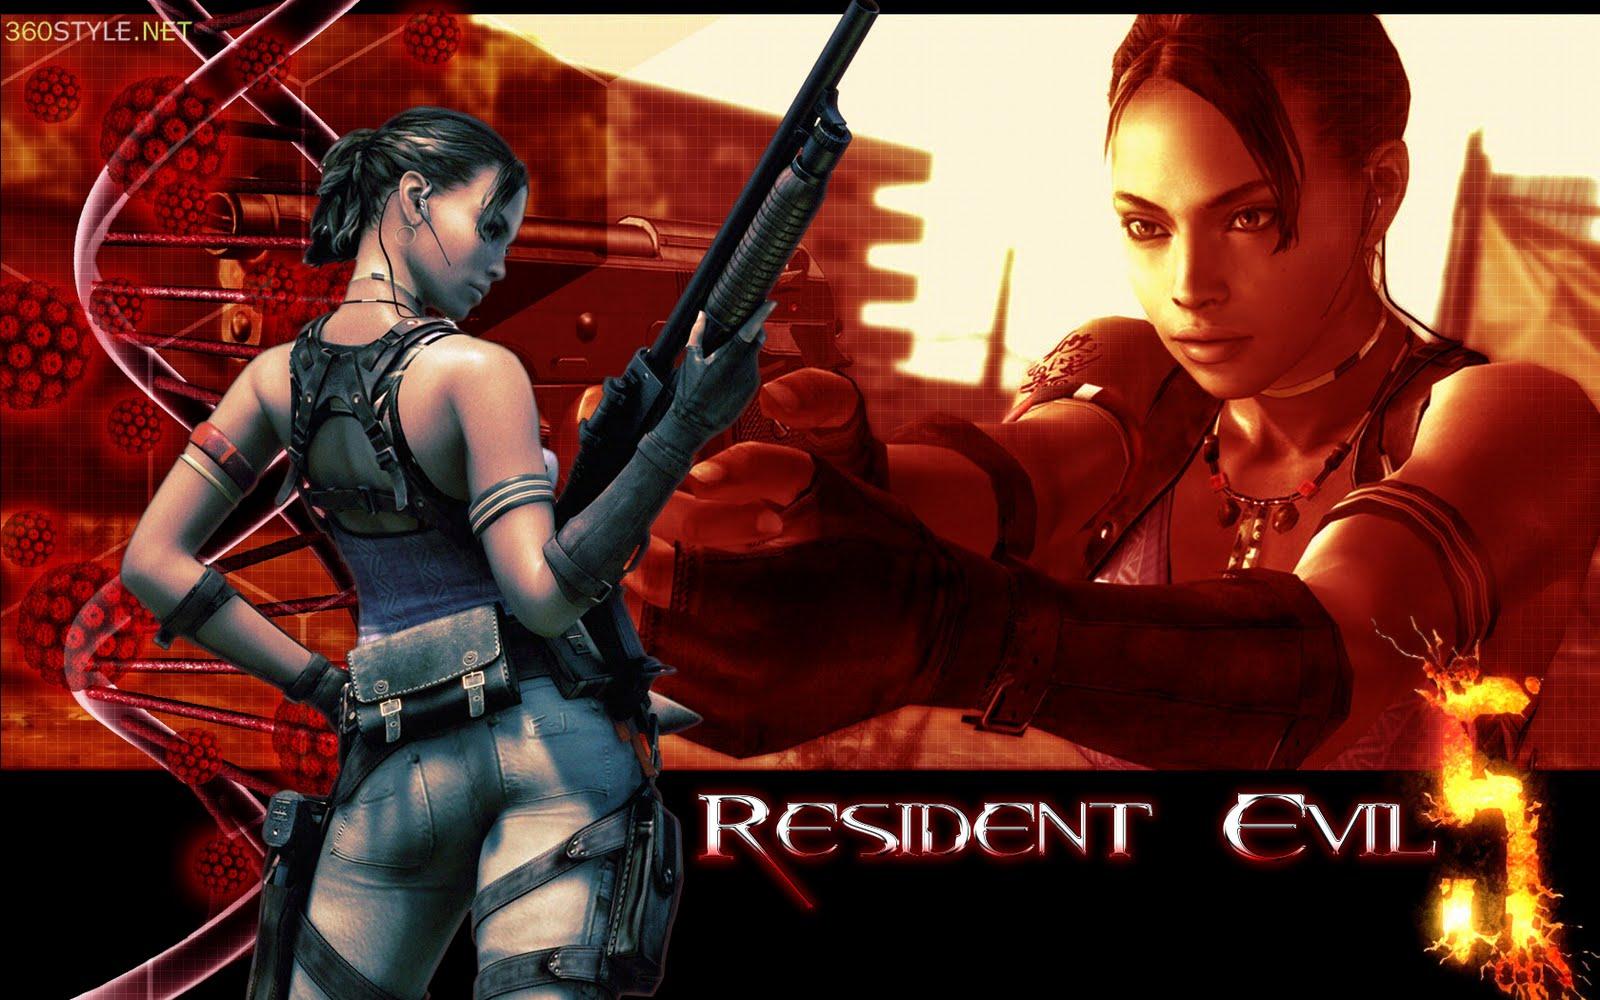 http://3.bp.blogspot.com/_Ja4J8cFWApQ/TQ_DEQBYacI/AAAAAAAAAFo/jeBcRiFaCNc/s1600/Resident_Evil_5_Wallpaper_No_2_by_F_1.jpg